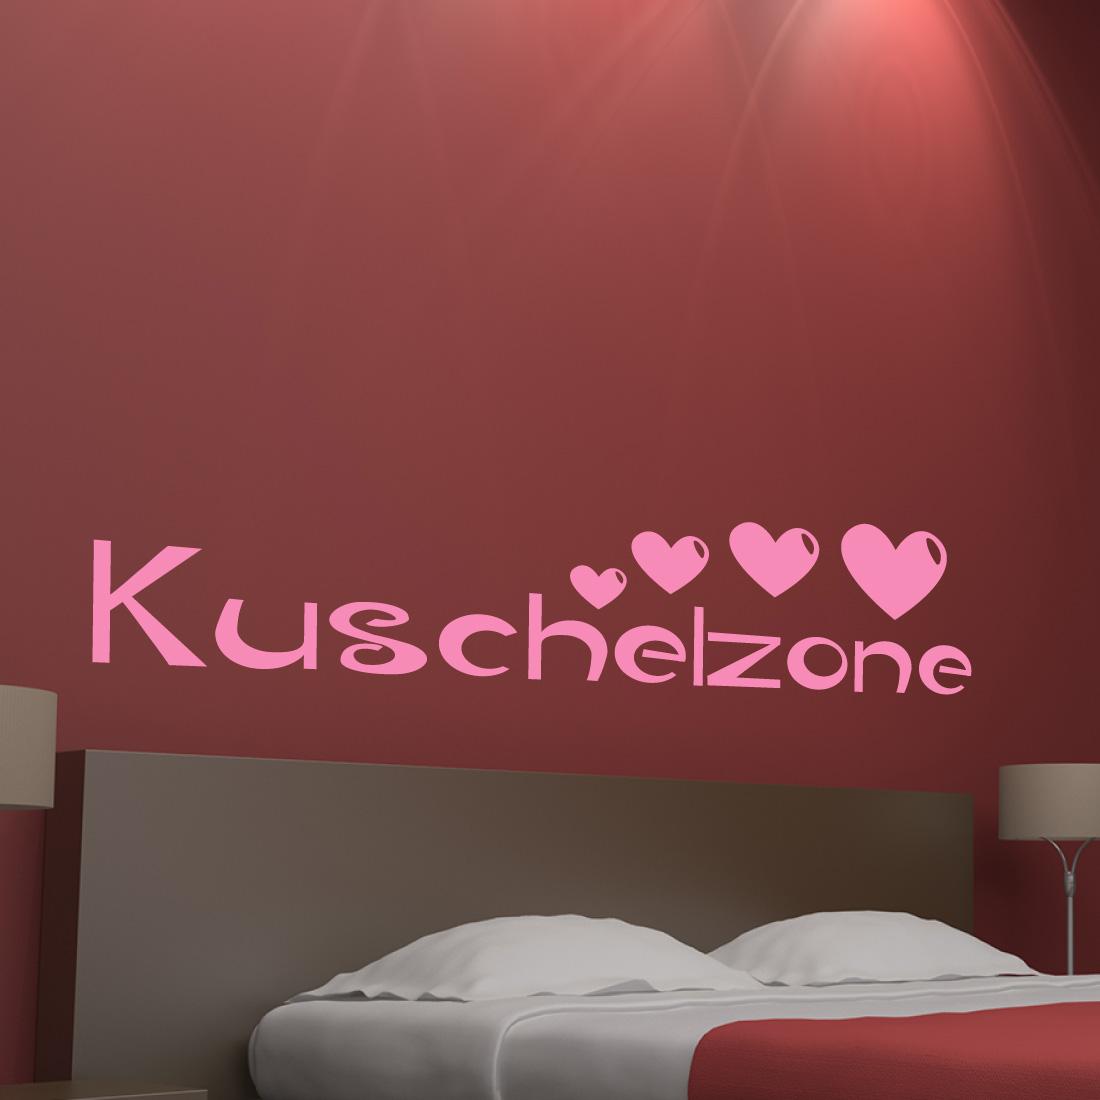 Full Size of Schlafzimmer Kuschelzone Kiwi Ihr Online Shop Fr Komplette Schranksysteme Stuhl Für Landhausstil Günstige Schrank Led Deckenleuchte Komplett Mit Lattenrost Schlafzimmer Wandtattoos Schlafzimmer